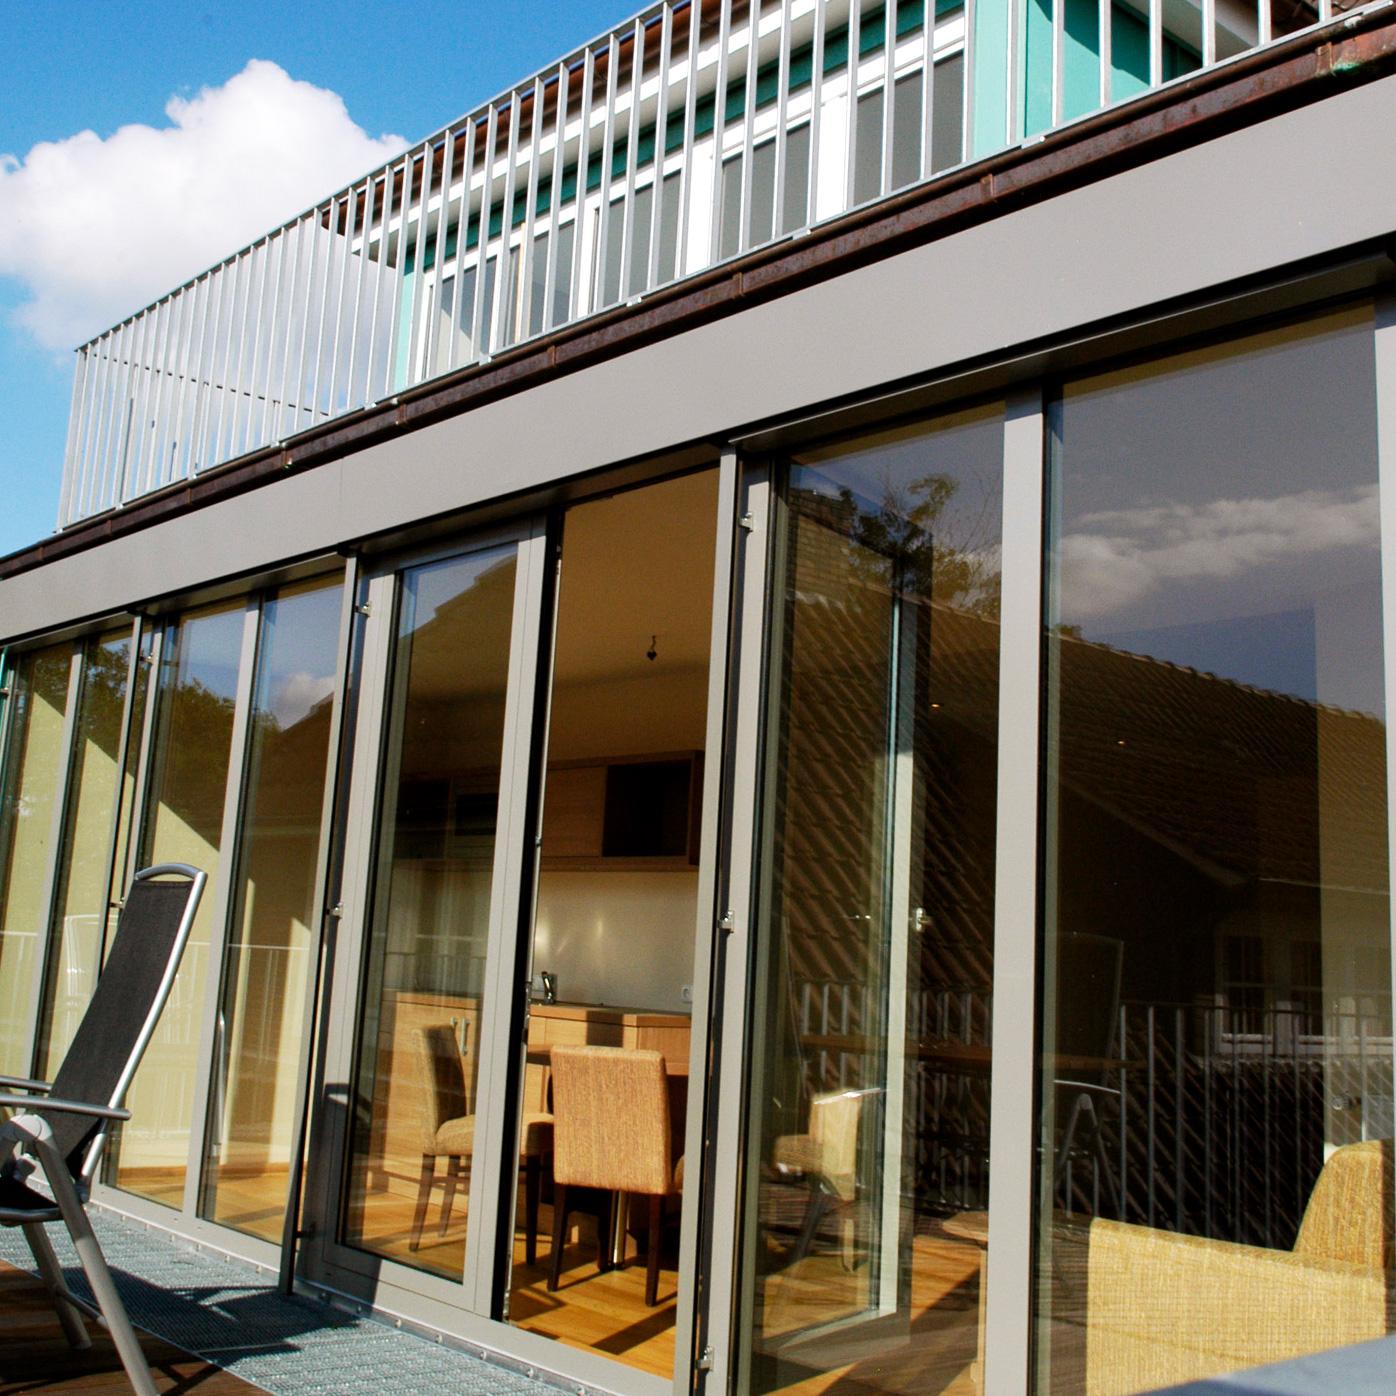 Von der Juniorsuite aus gelangen Sie direkt zu Ihrem eigenen Balkon mit Seeblick